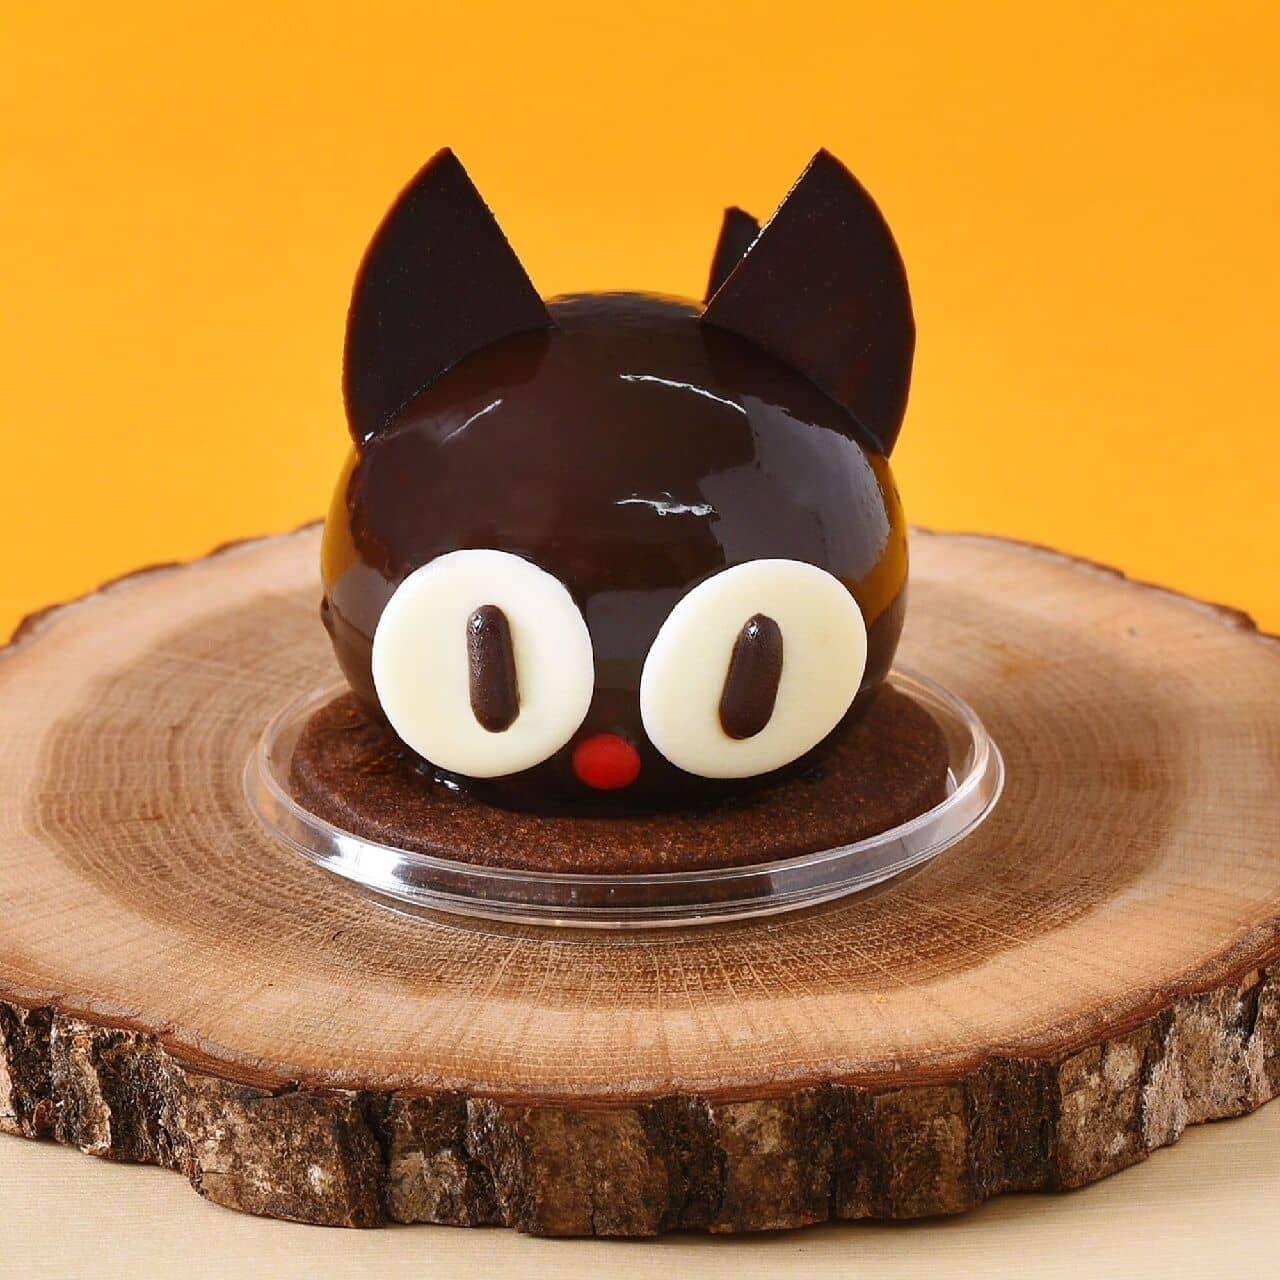 コロンバン「黒猫のケーキ」